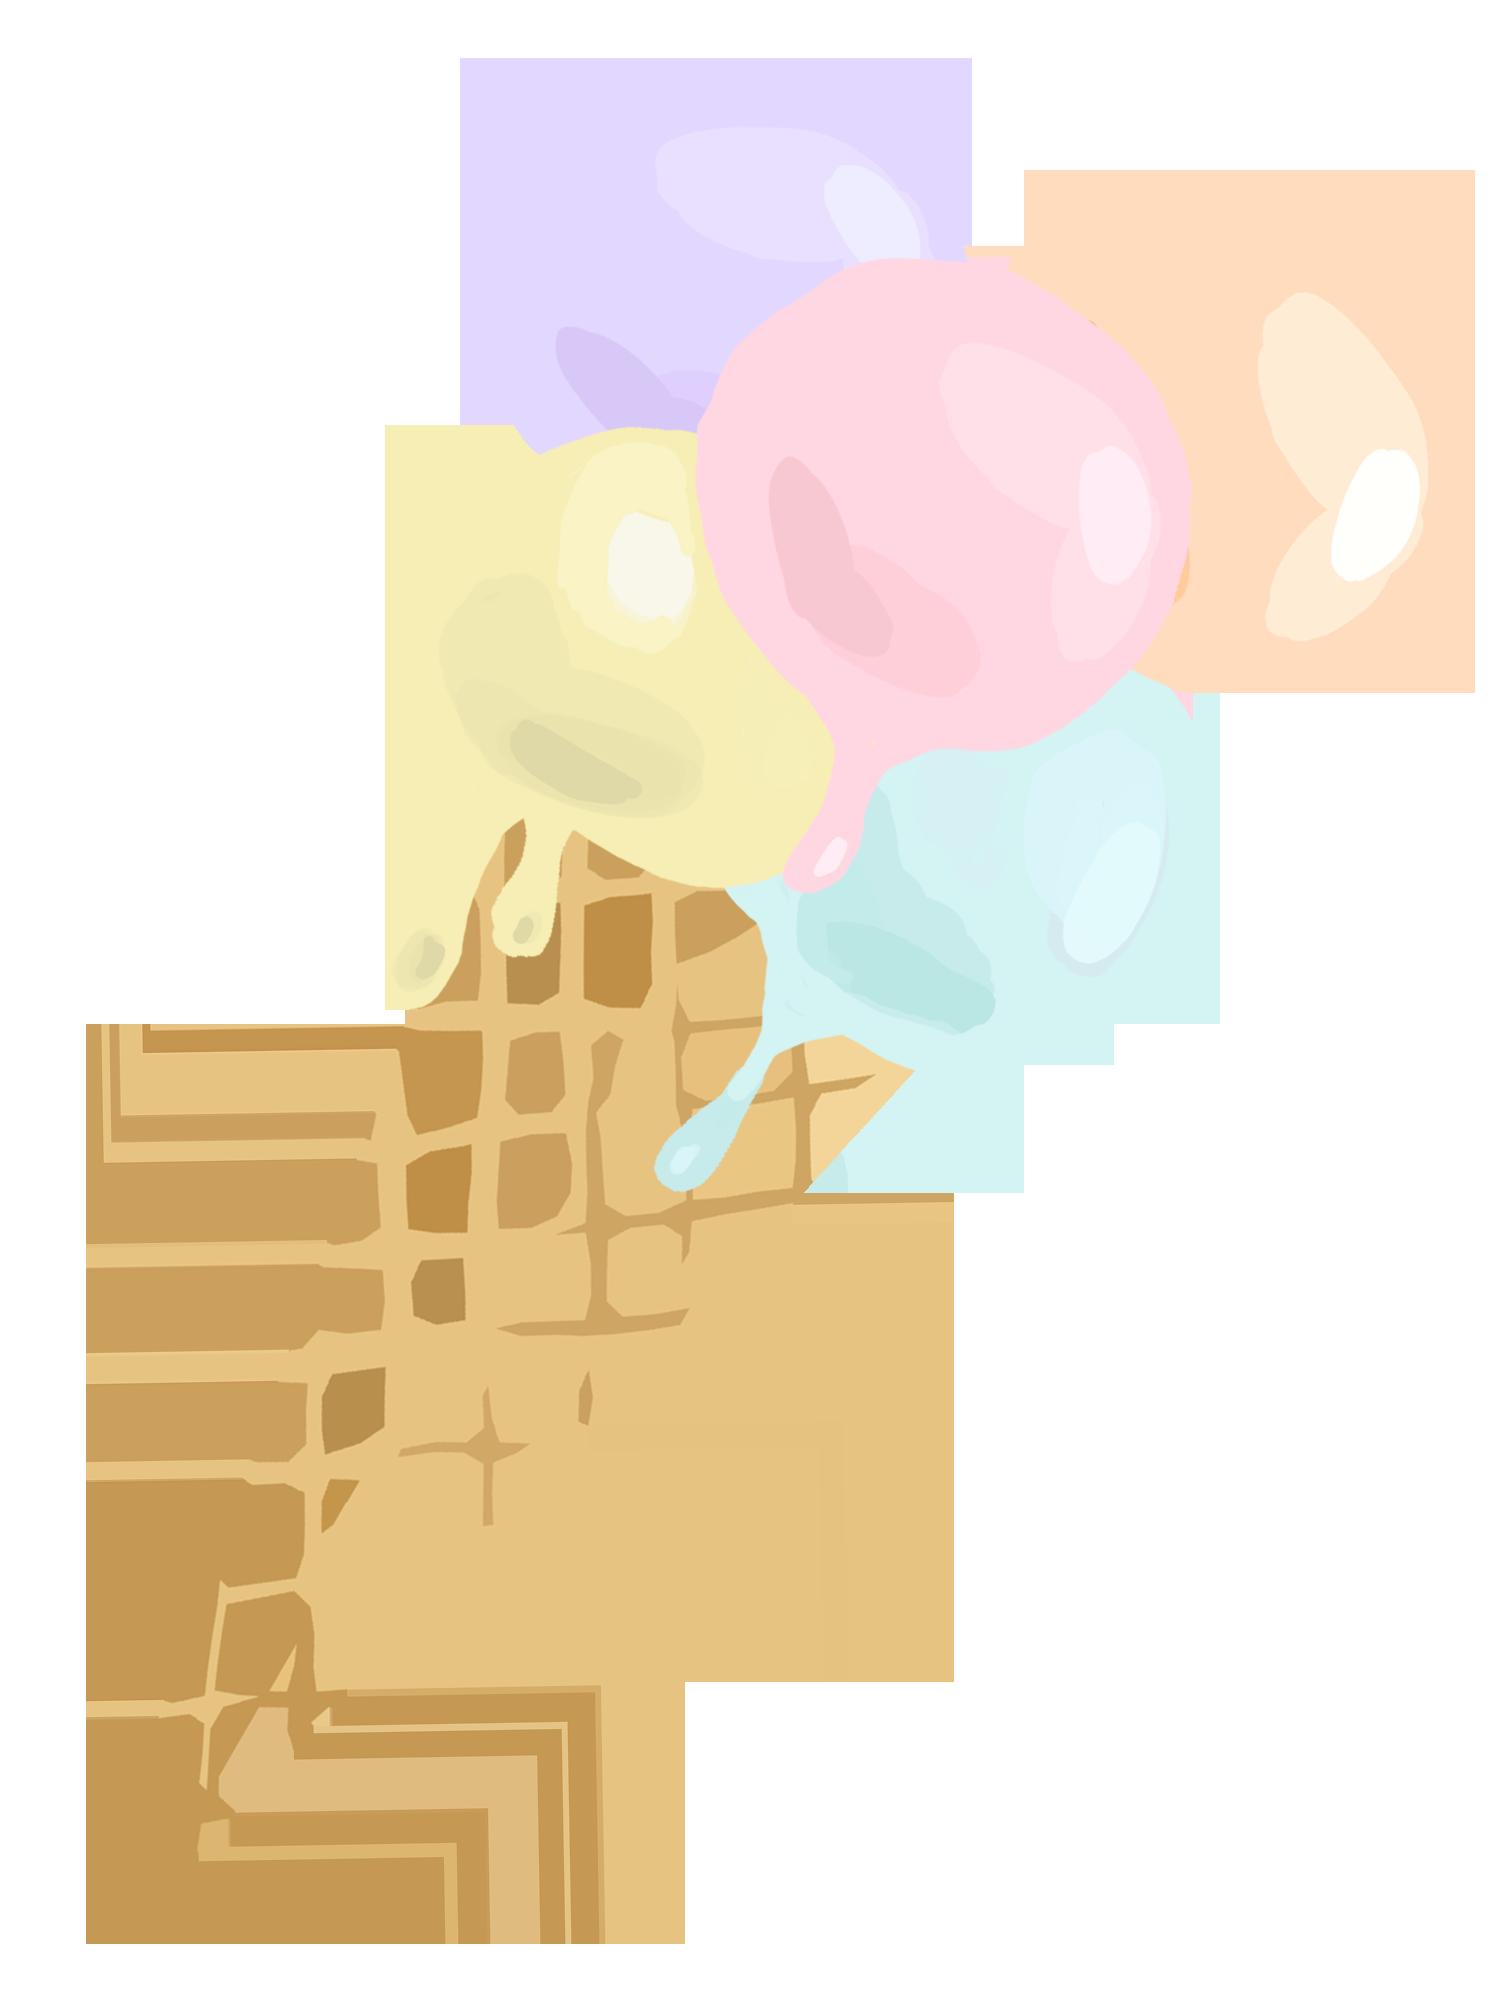 FORTINI'S review: Congratulations! You've got 5 gelato! Awesome! You're the best! - Мы любим этот пляж по многим причинам: уютное пространство, большое расстояние между шезлонгами, дружелюбный персонал, бесплатный wi-fi, приятная музыка, фруктовый бонус, уроки серфа.